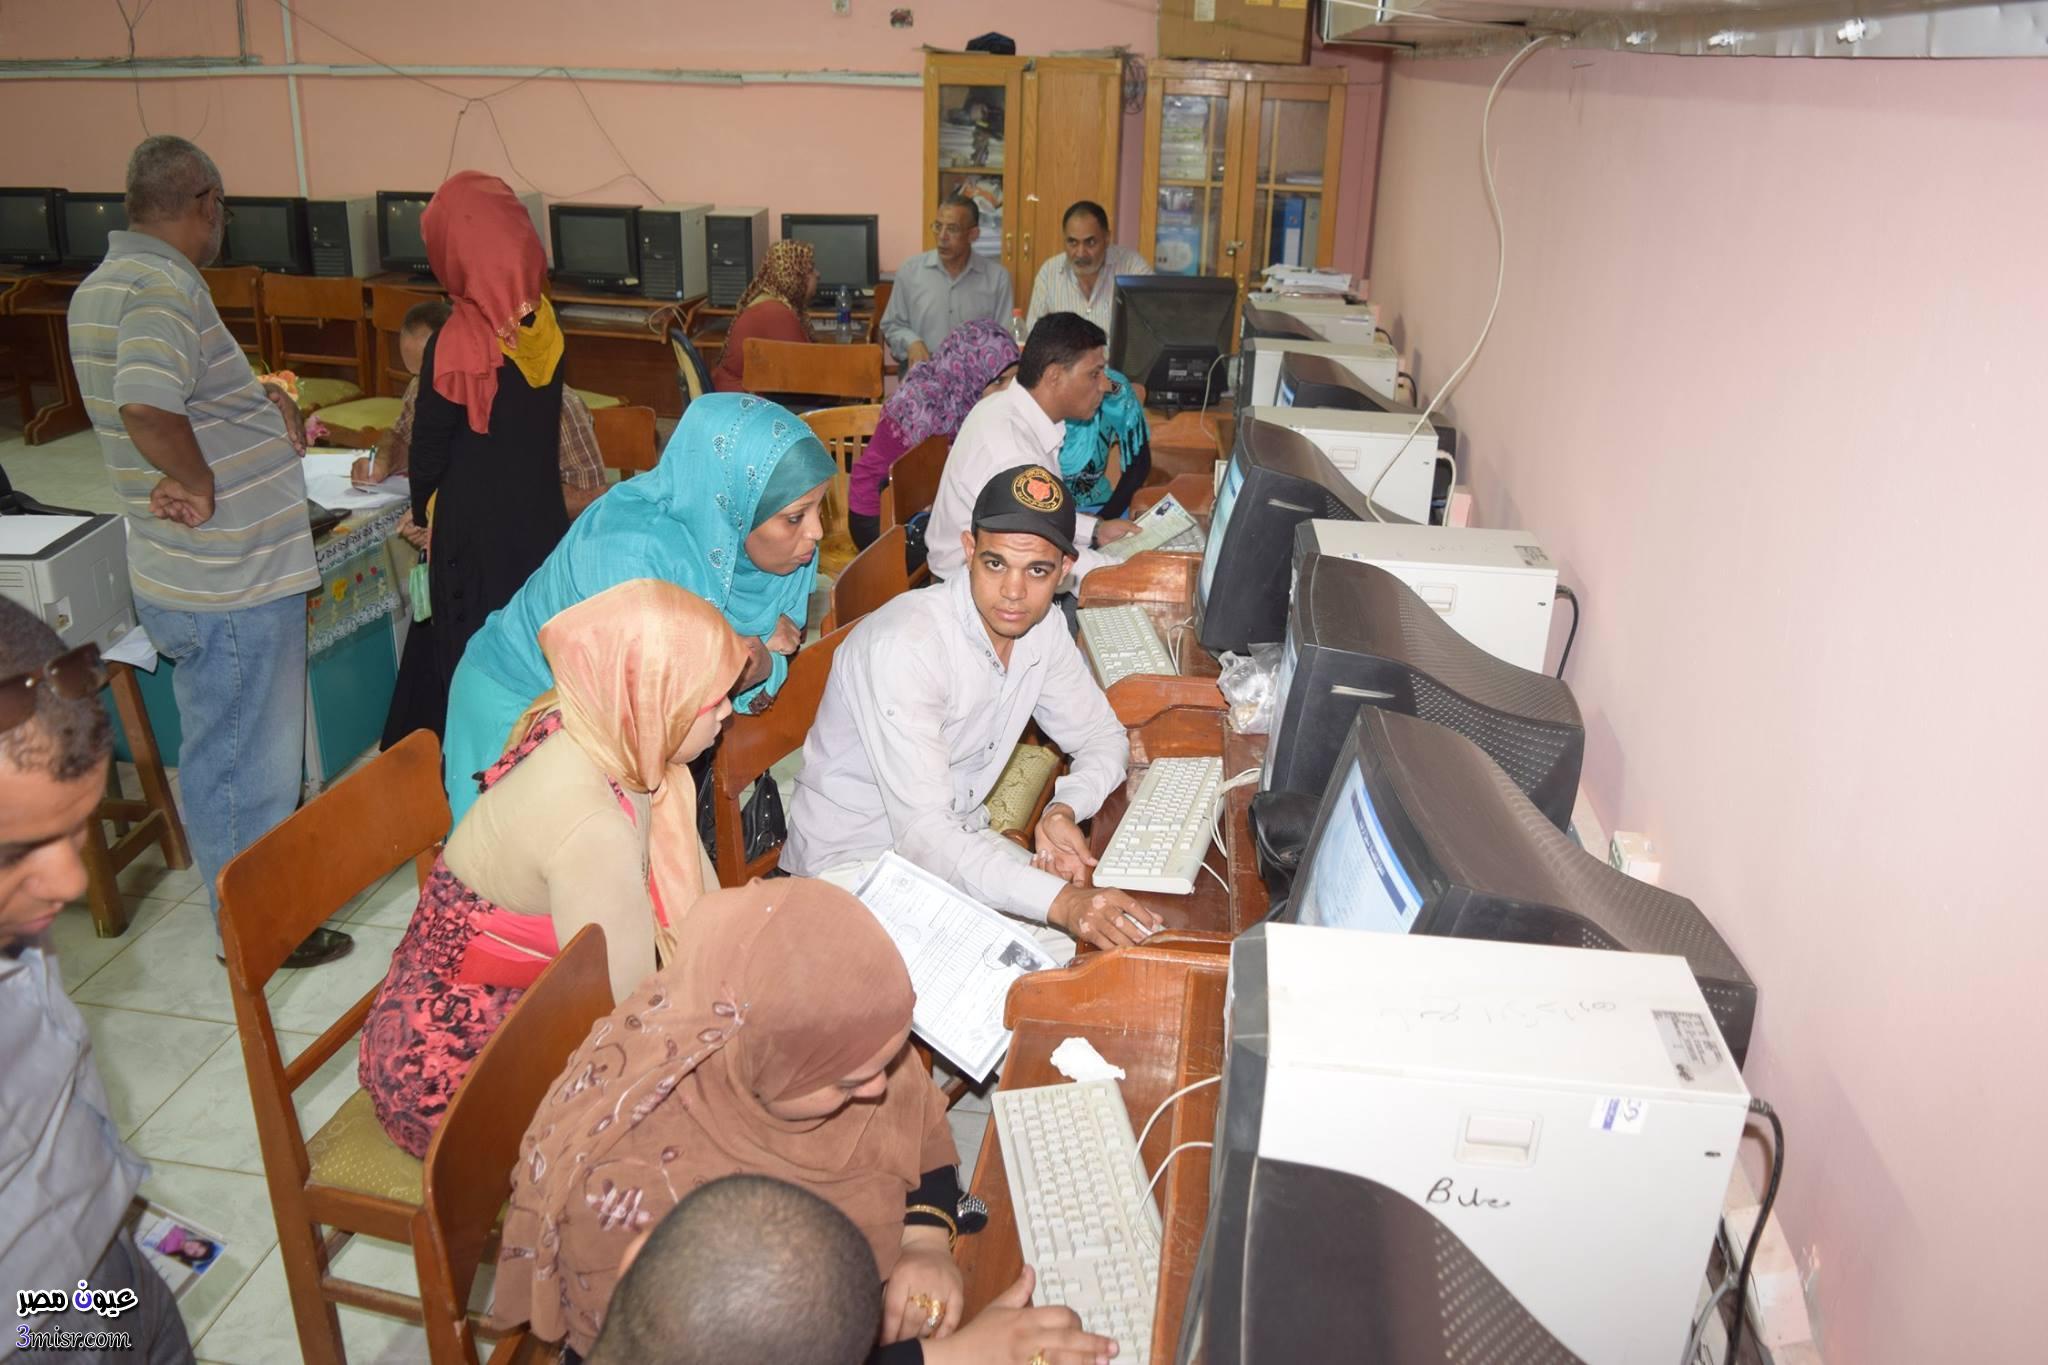 بوابة الحكومة المصرية الالكترونية نتيجة التنسيق المرحلة الثالثة 2016